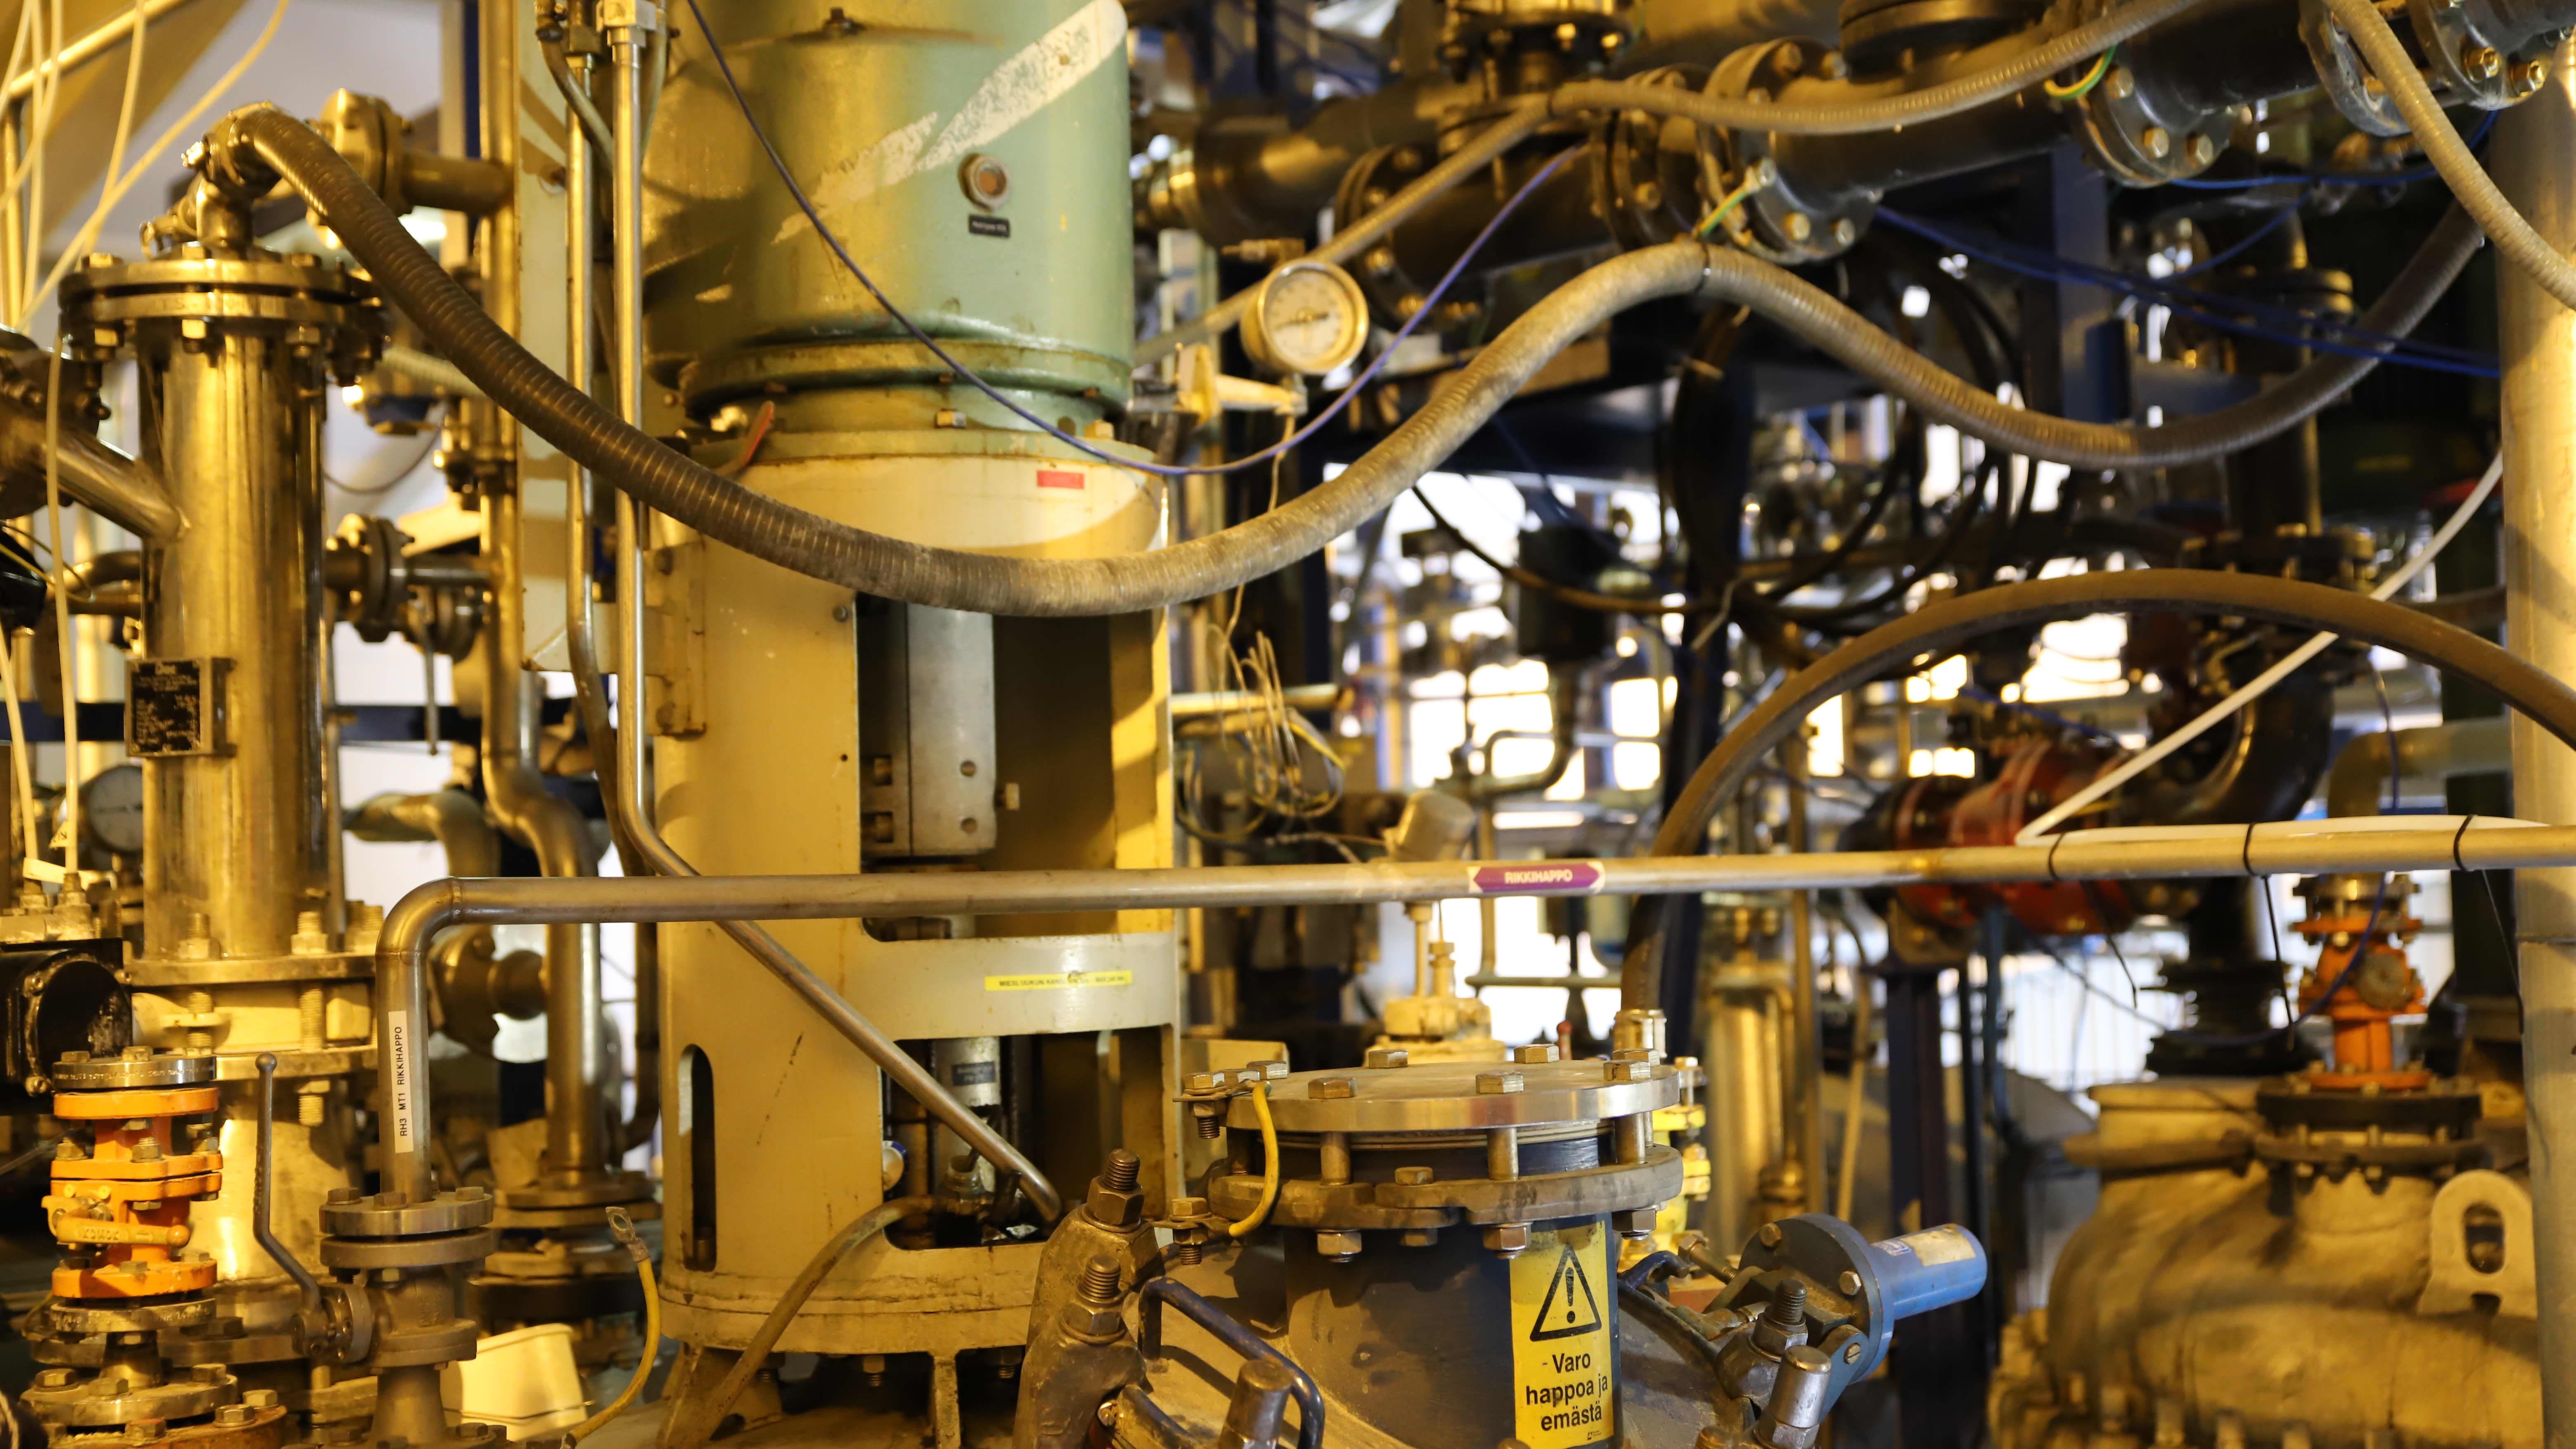 Laitteistoa Crisolteqin akkumateriaalien kierrätyslaitoksessa.